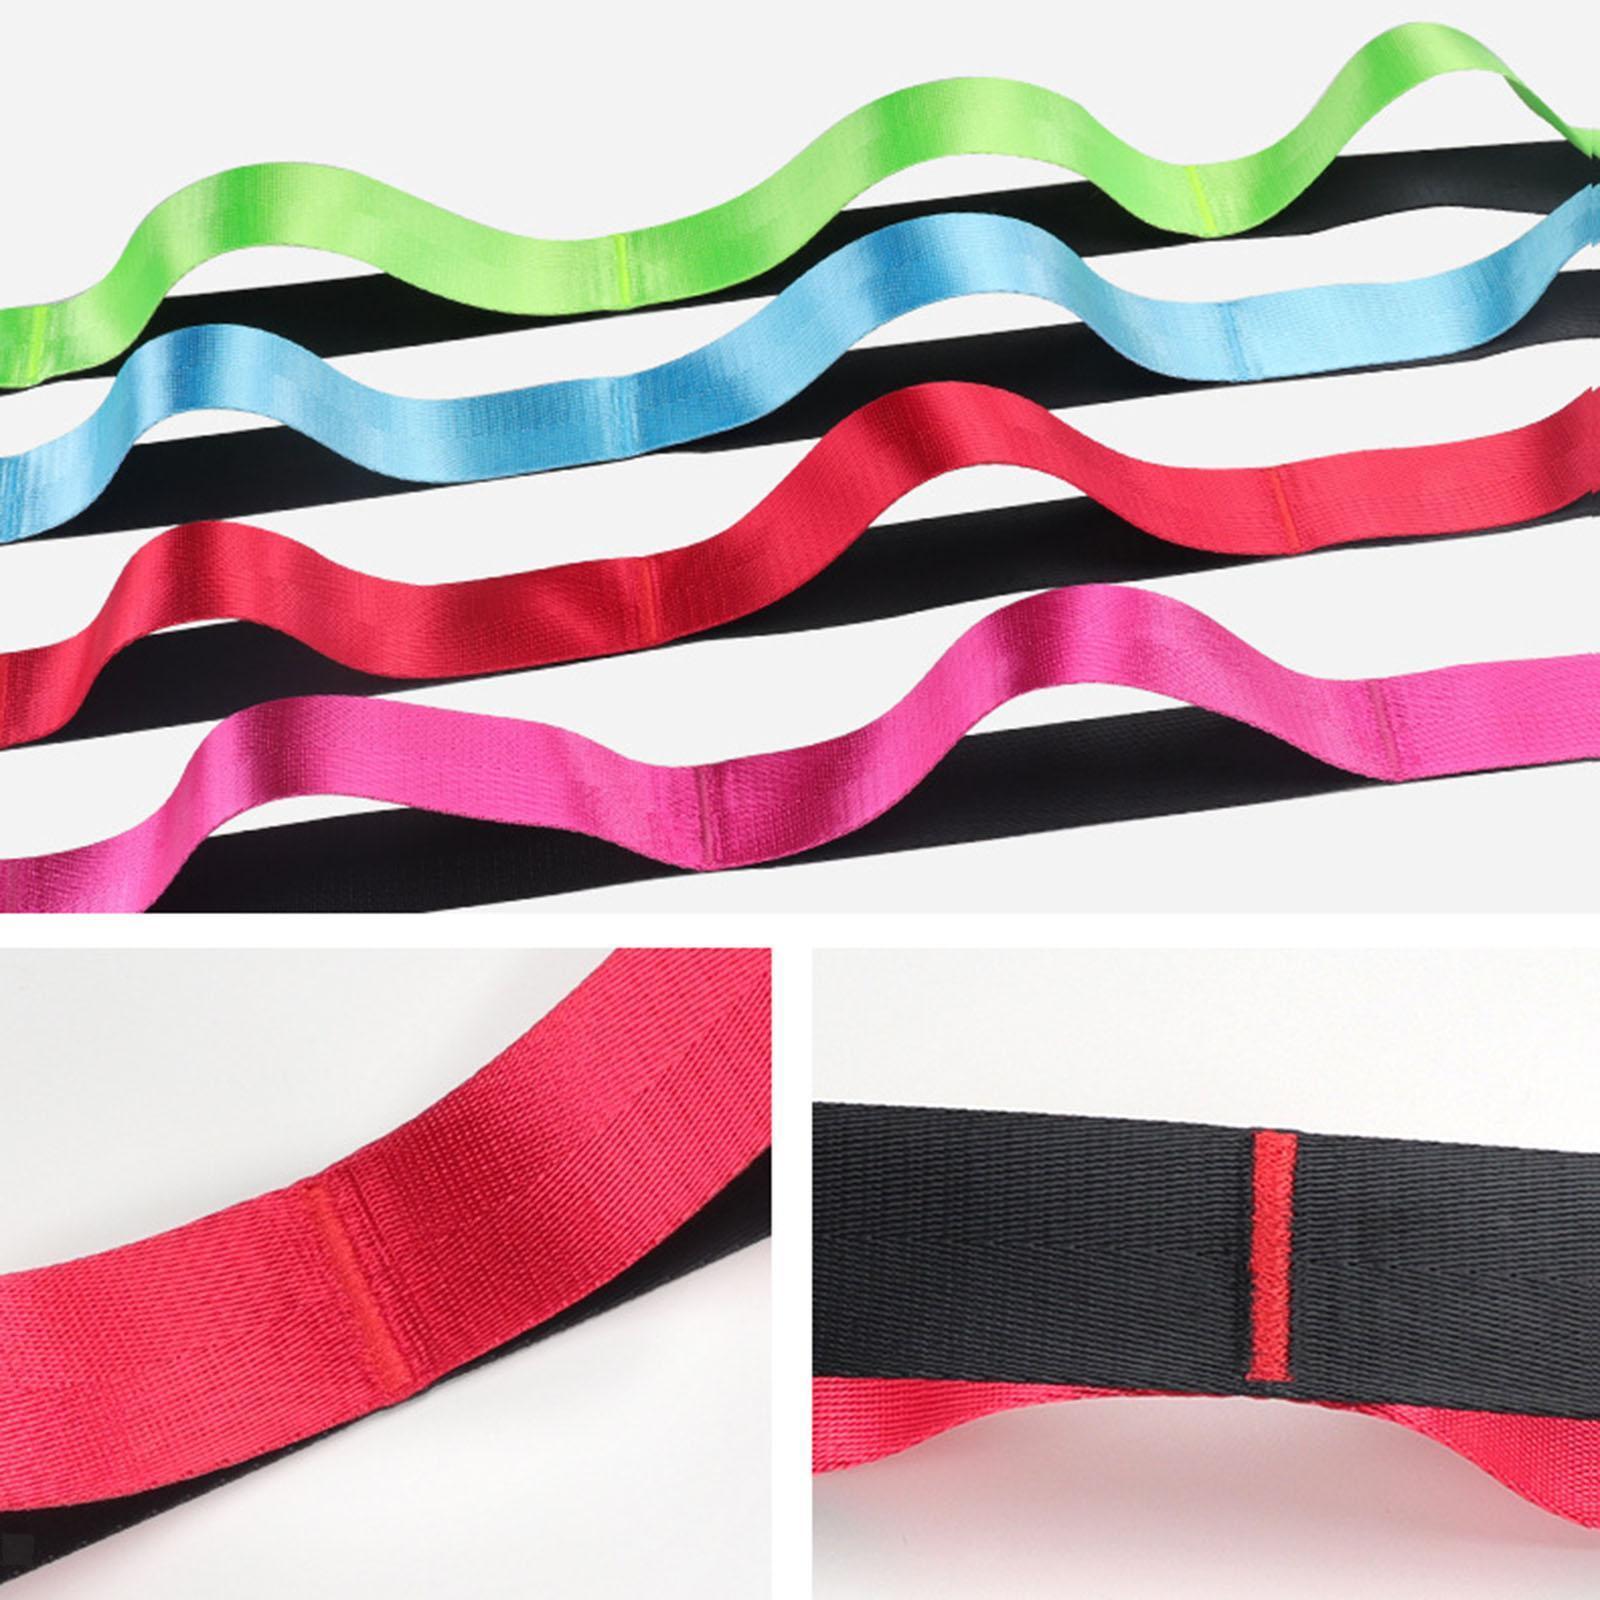 miniatura 13 - Pierna camilla yoga Stretch Strap Latin Dance Gymnastic pull cinturón flexibilidad